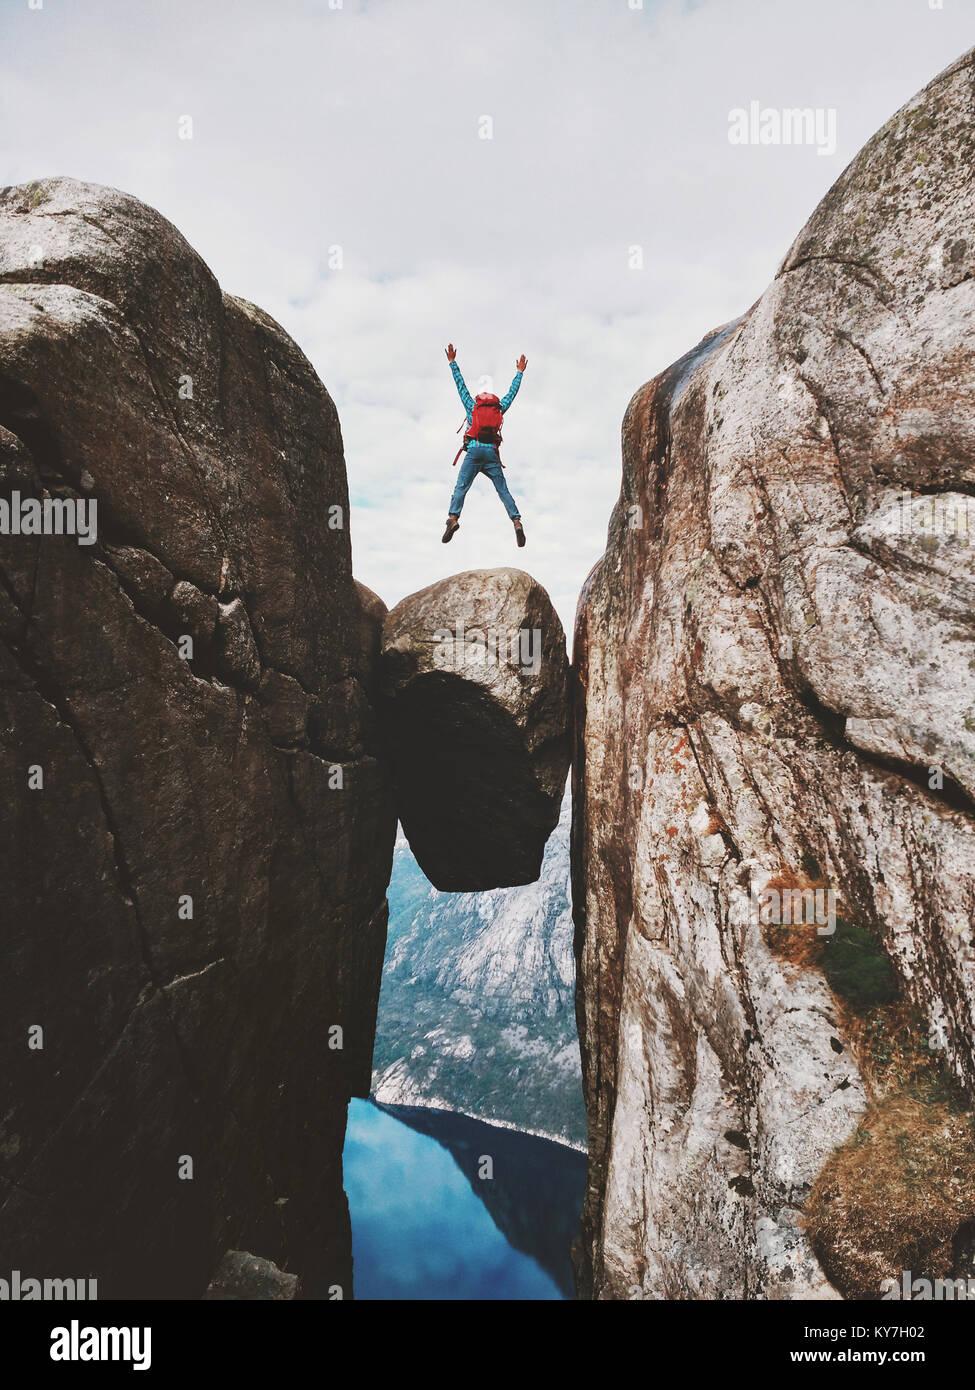 Hombre saltando por Kjeragbolten Viajar a Noruega Kjerag montañas vacaciones turismo aventura extrema emociones Imagen De Stock